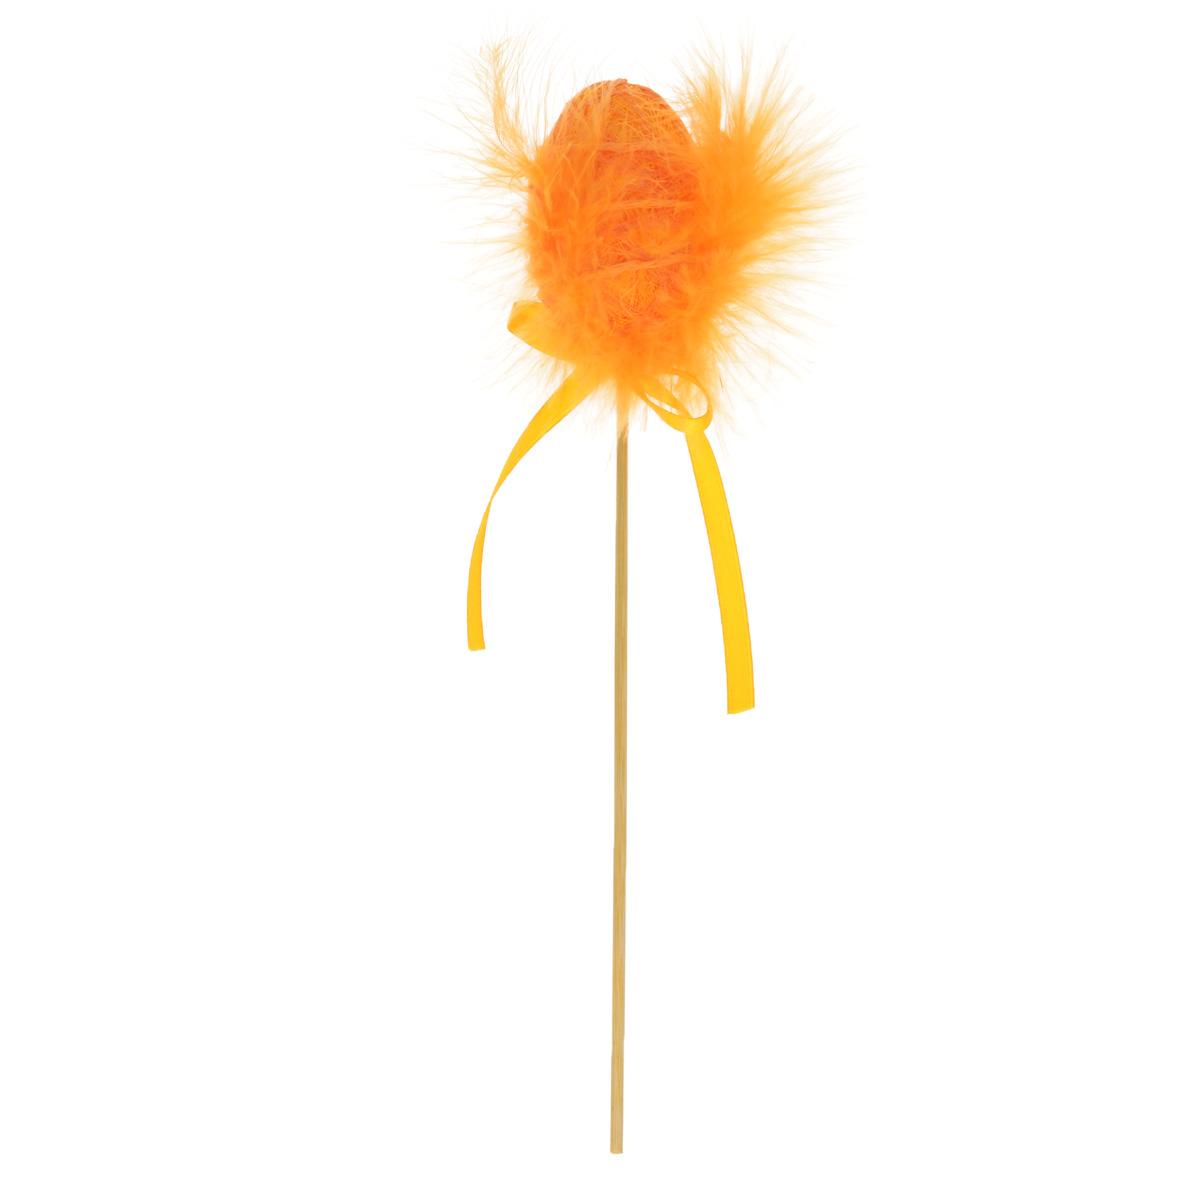 Декоративное пасхальное украшение на ножке Home Queen Яйцо с пухом. Разноцвет, цвет: оранжевый, высота 25 см подставка под яйца home queen цвет желтый оранжевый 2 ячейки